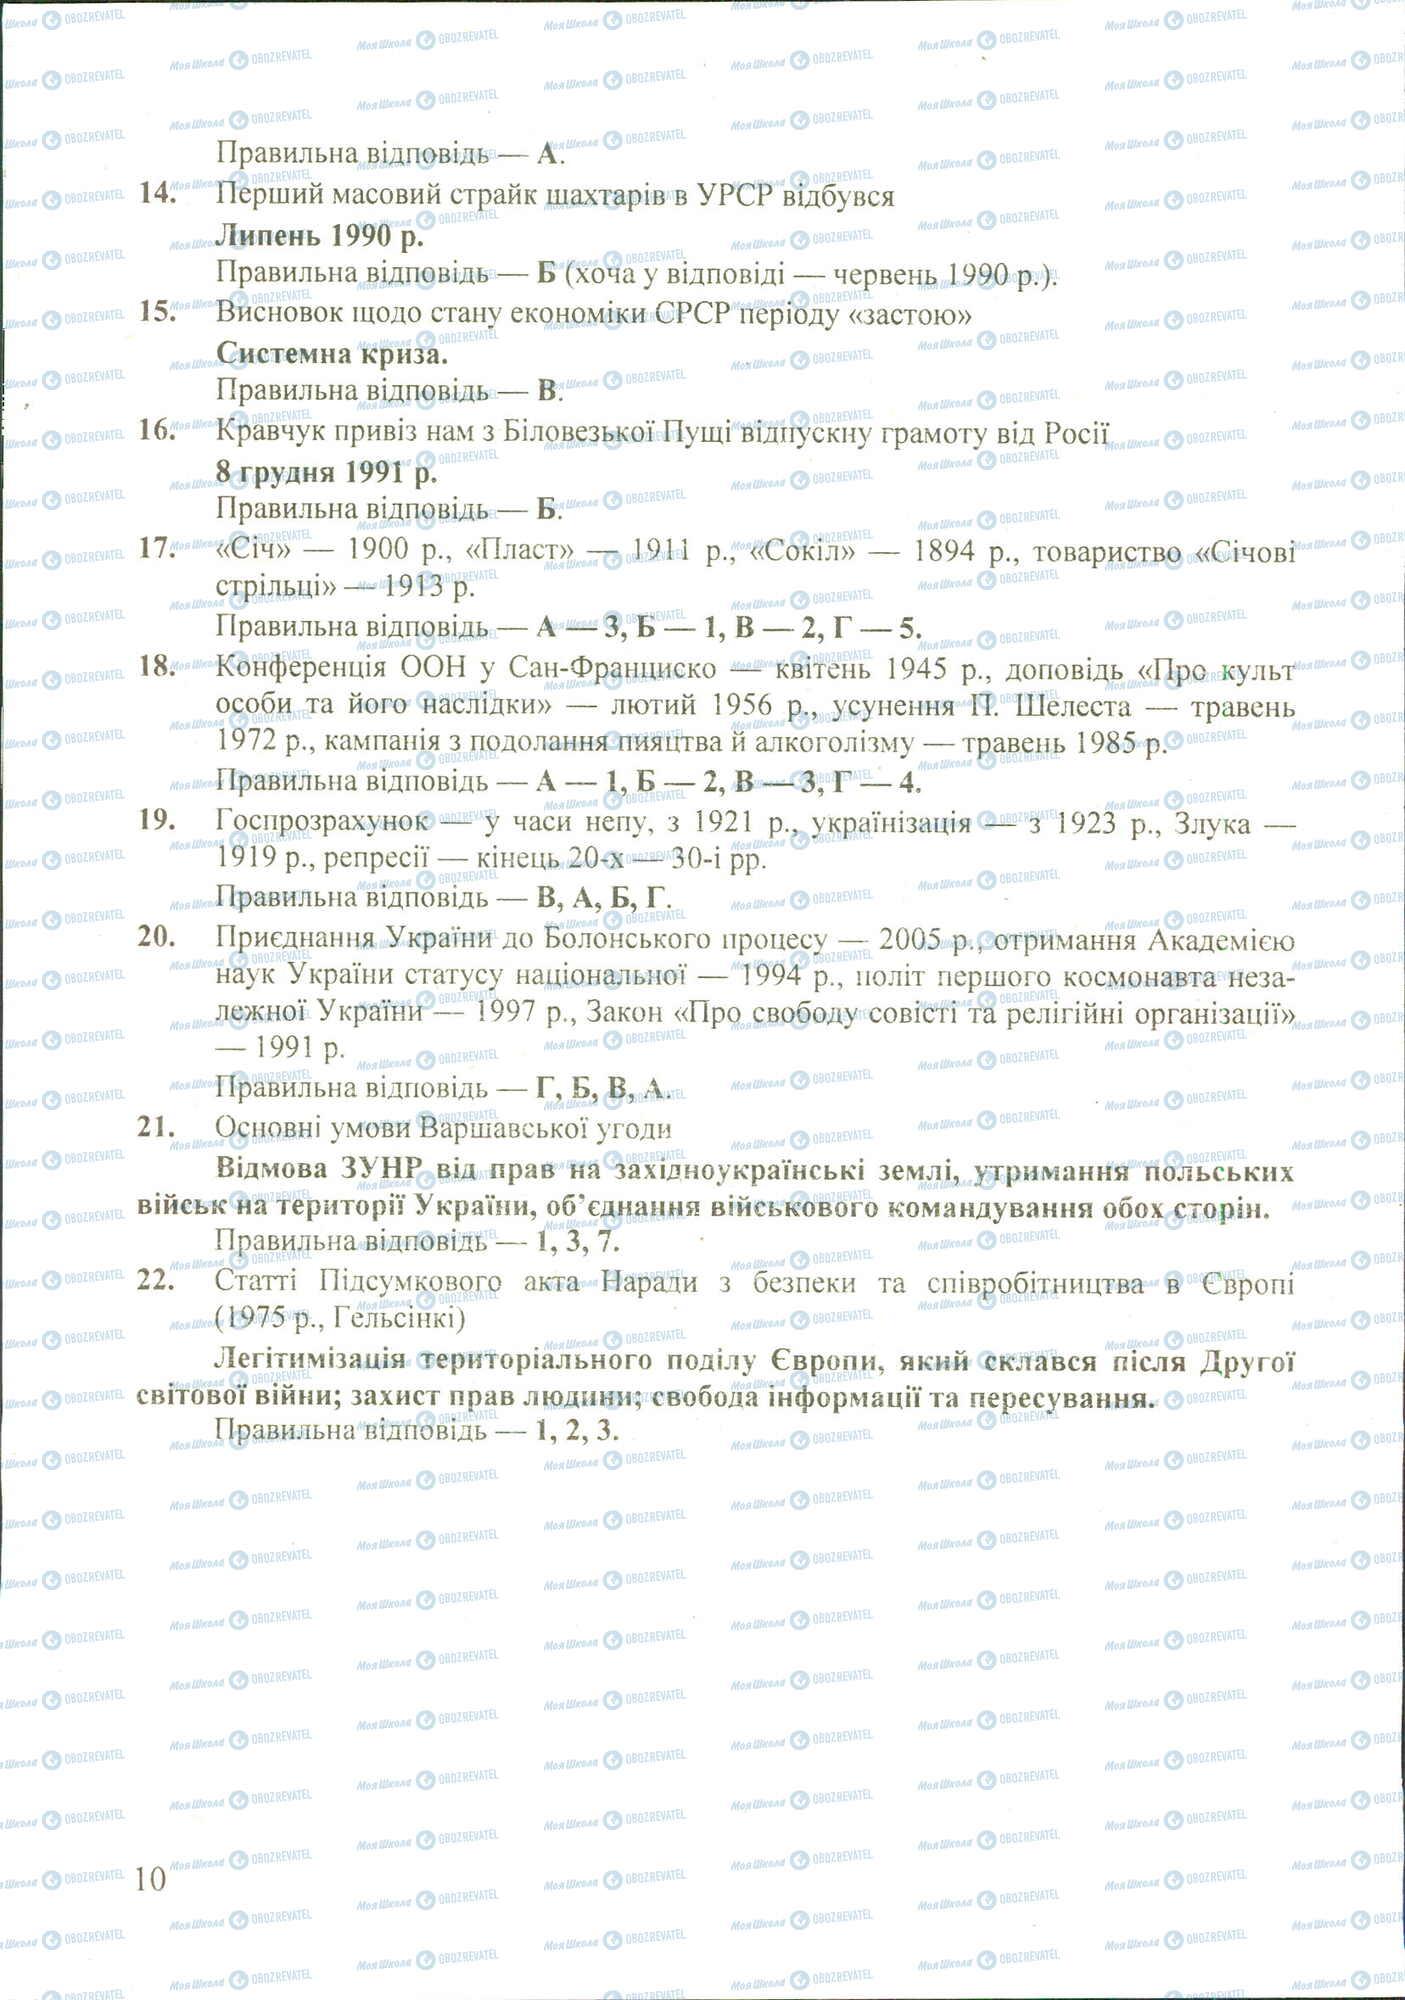 ДПА Історія України 11 клас сторінка image0000020B